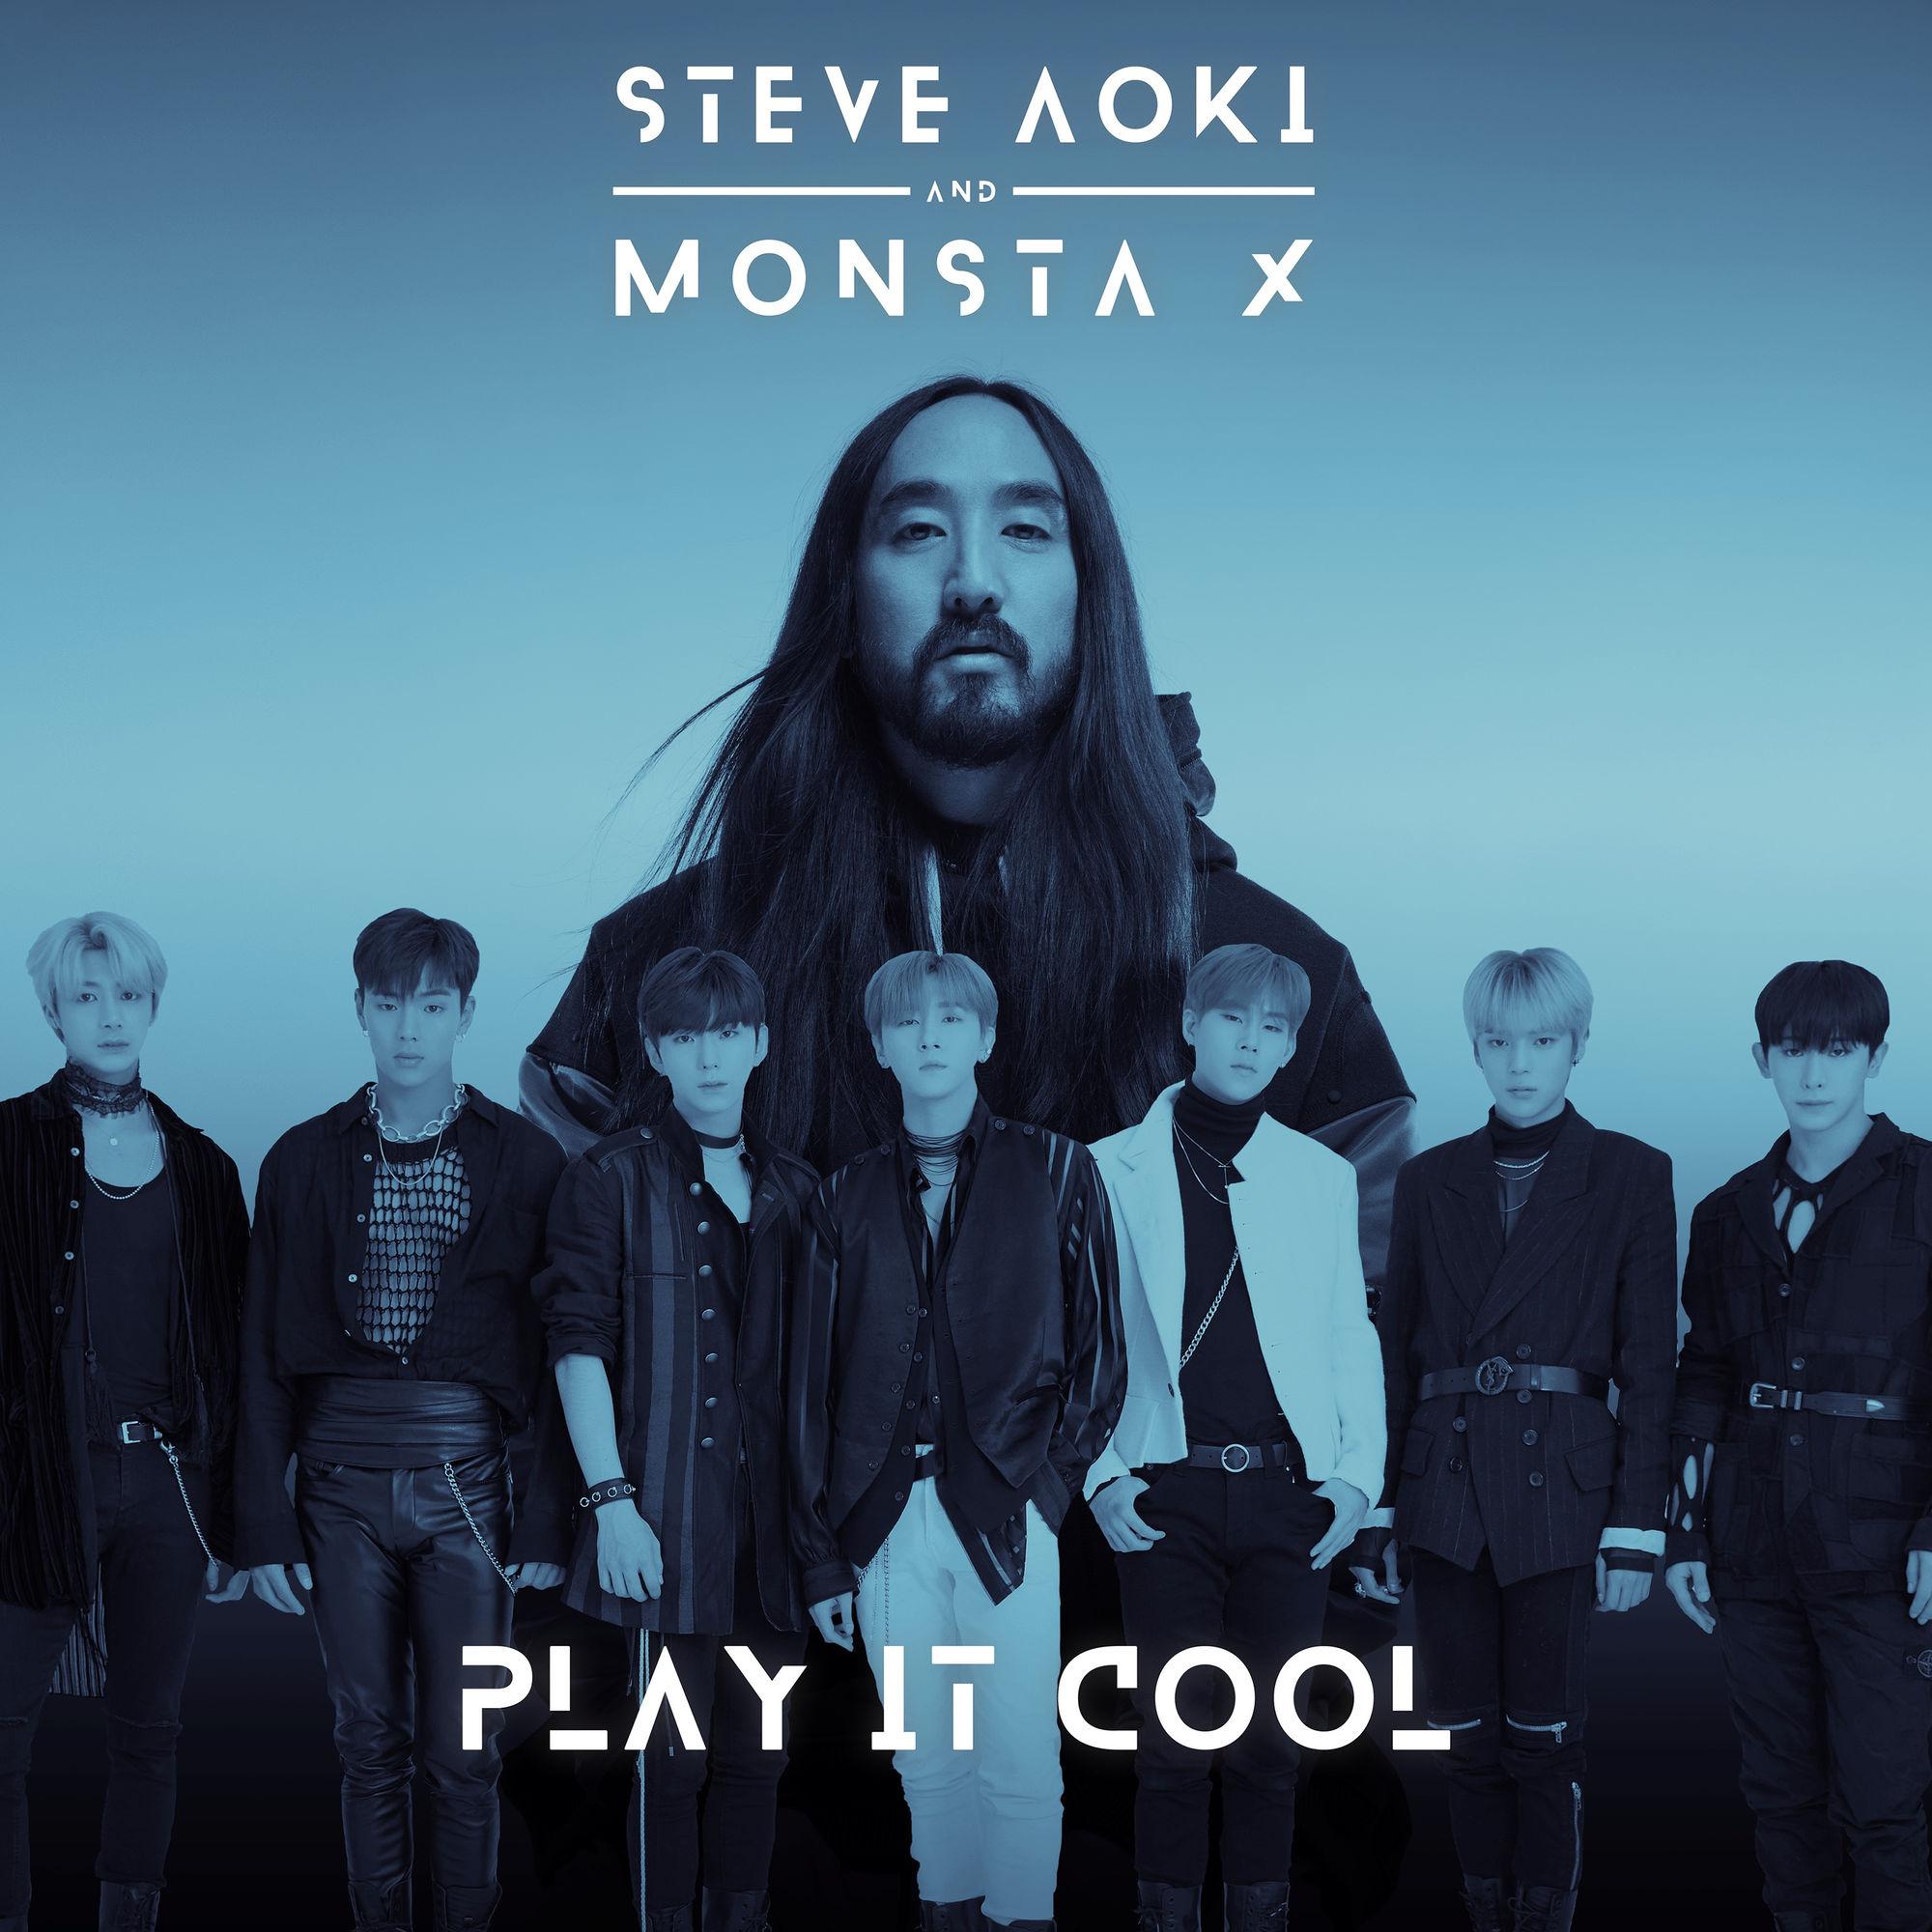 دانلود آهنگ Play It Cool از Monsta X و Steve Aoki با کیفیت 320 + متن